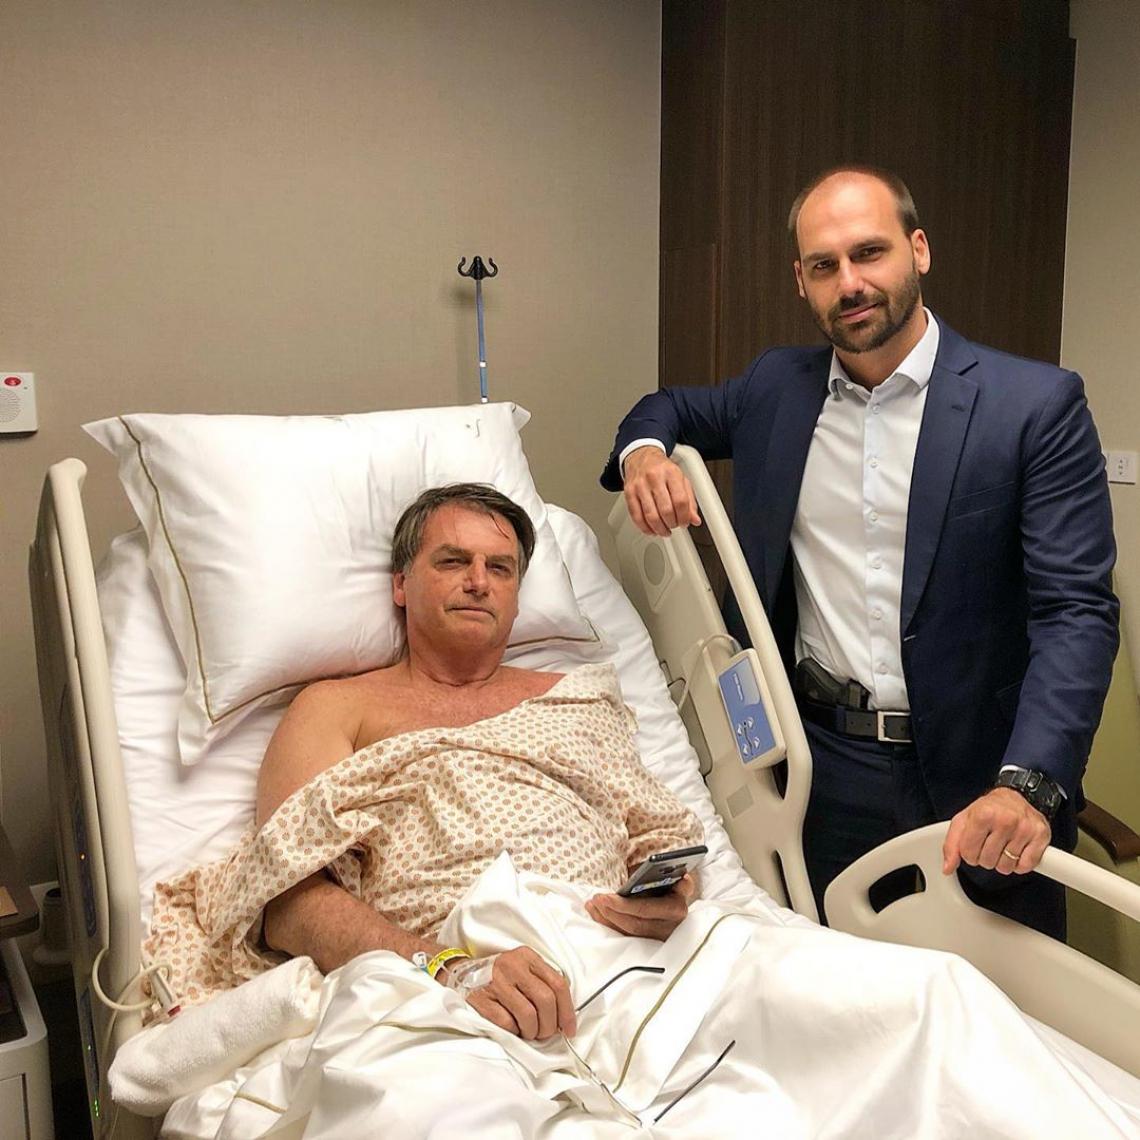 Eduardo Bolsonaro posta foto ao lado do pai em hospital